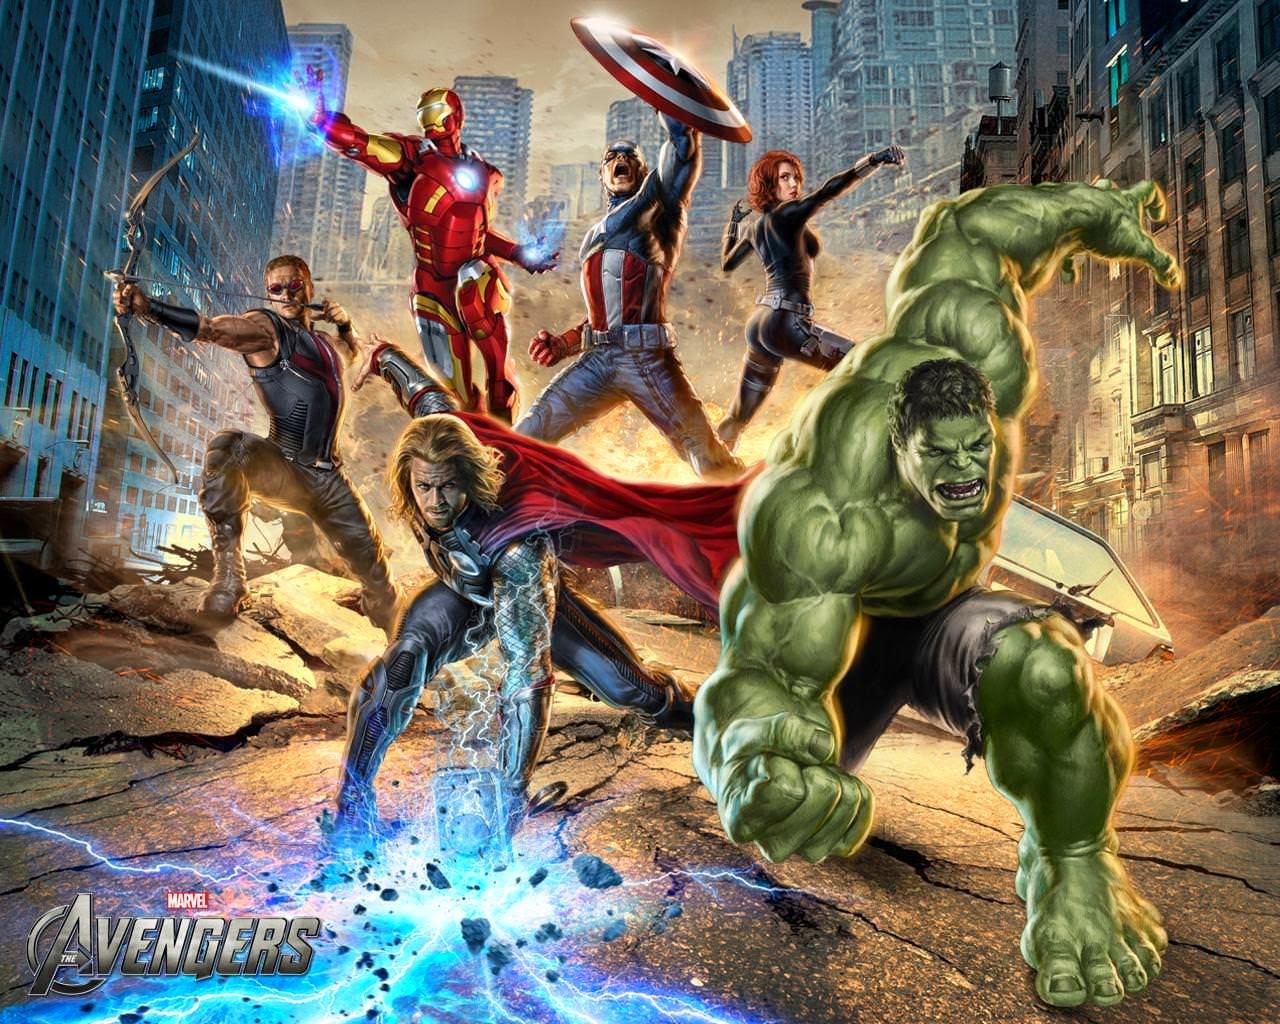 marvels-avengers-image